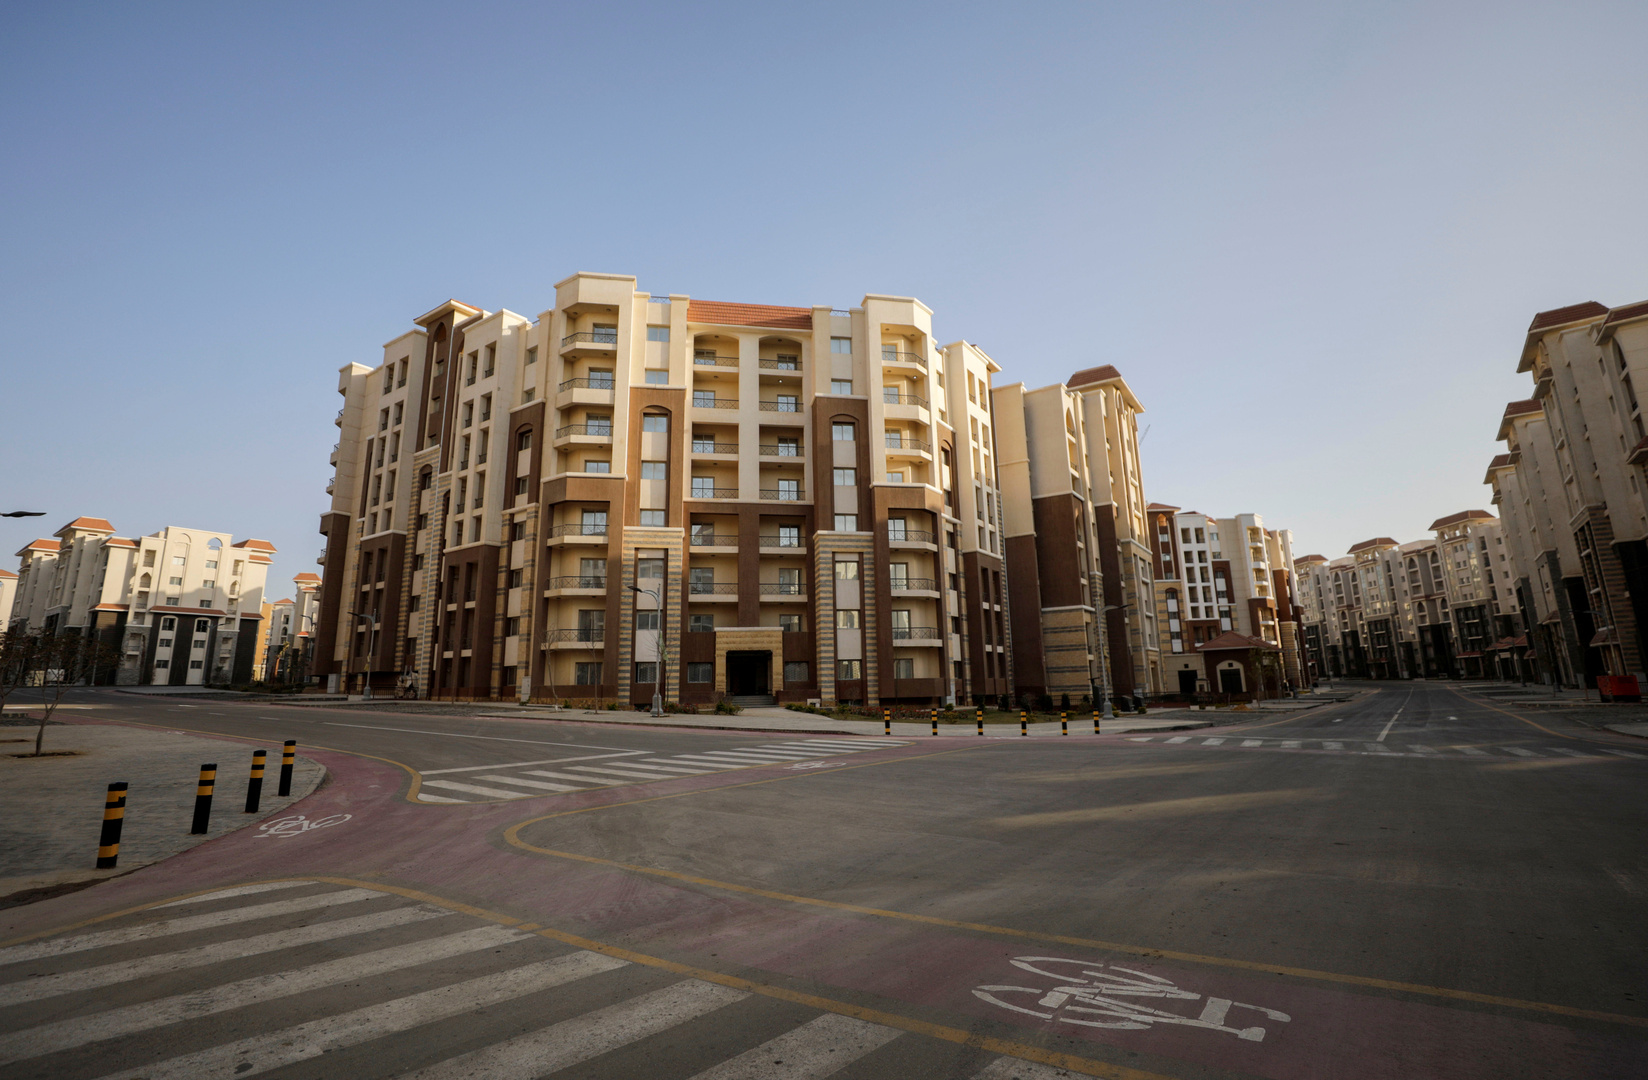 العاصمة الإدارية الجديدة لمصر، شرق القاهرة